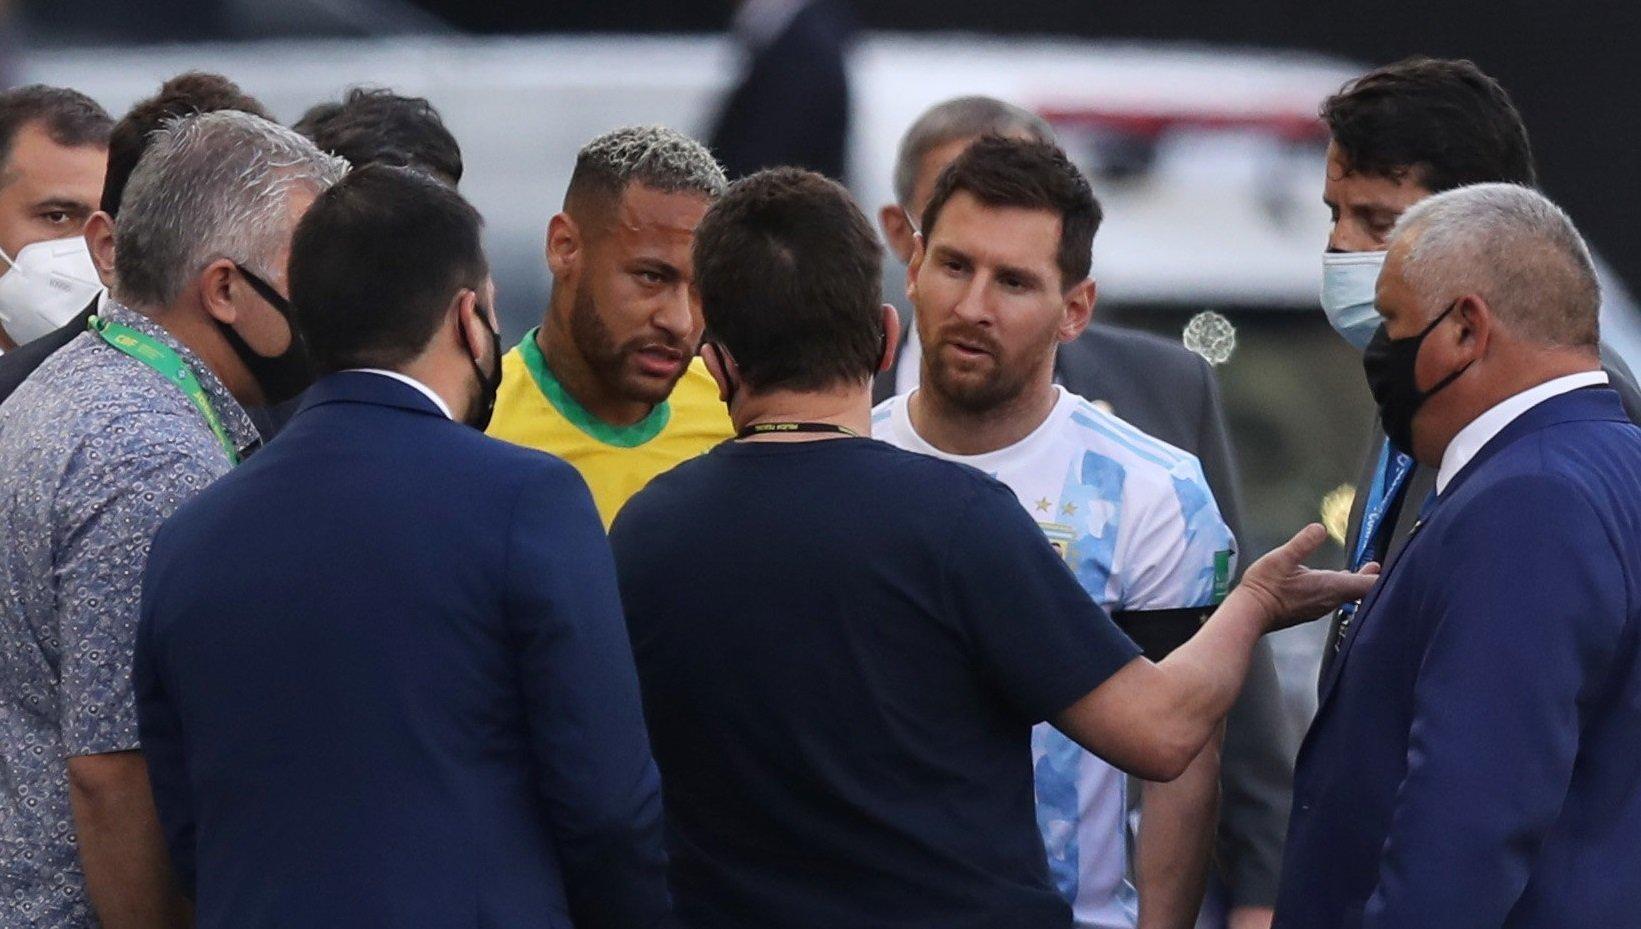 Напортачили! Срывом матча в Сан-Паулу недовольны и в Аргентине, и в Бразилии